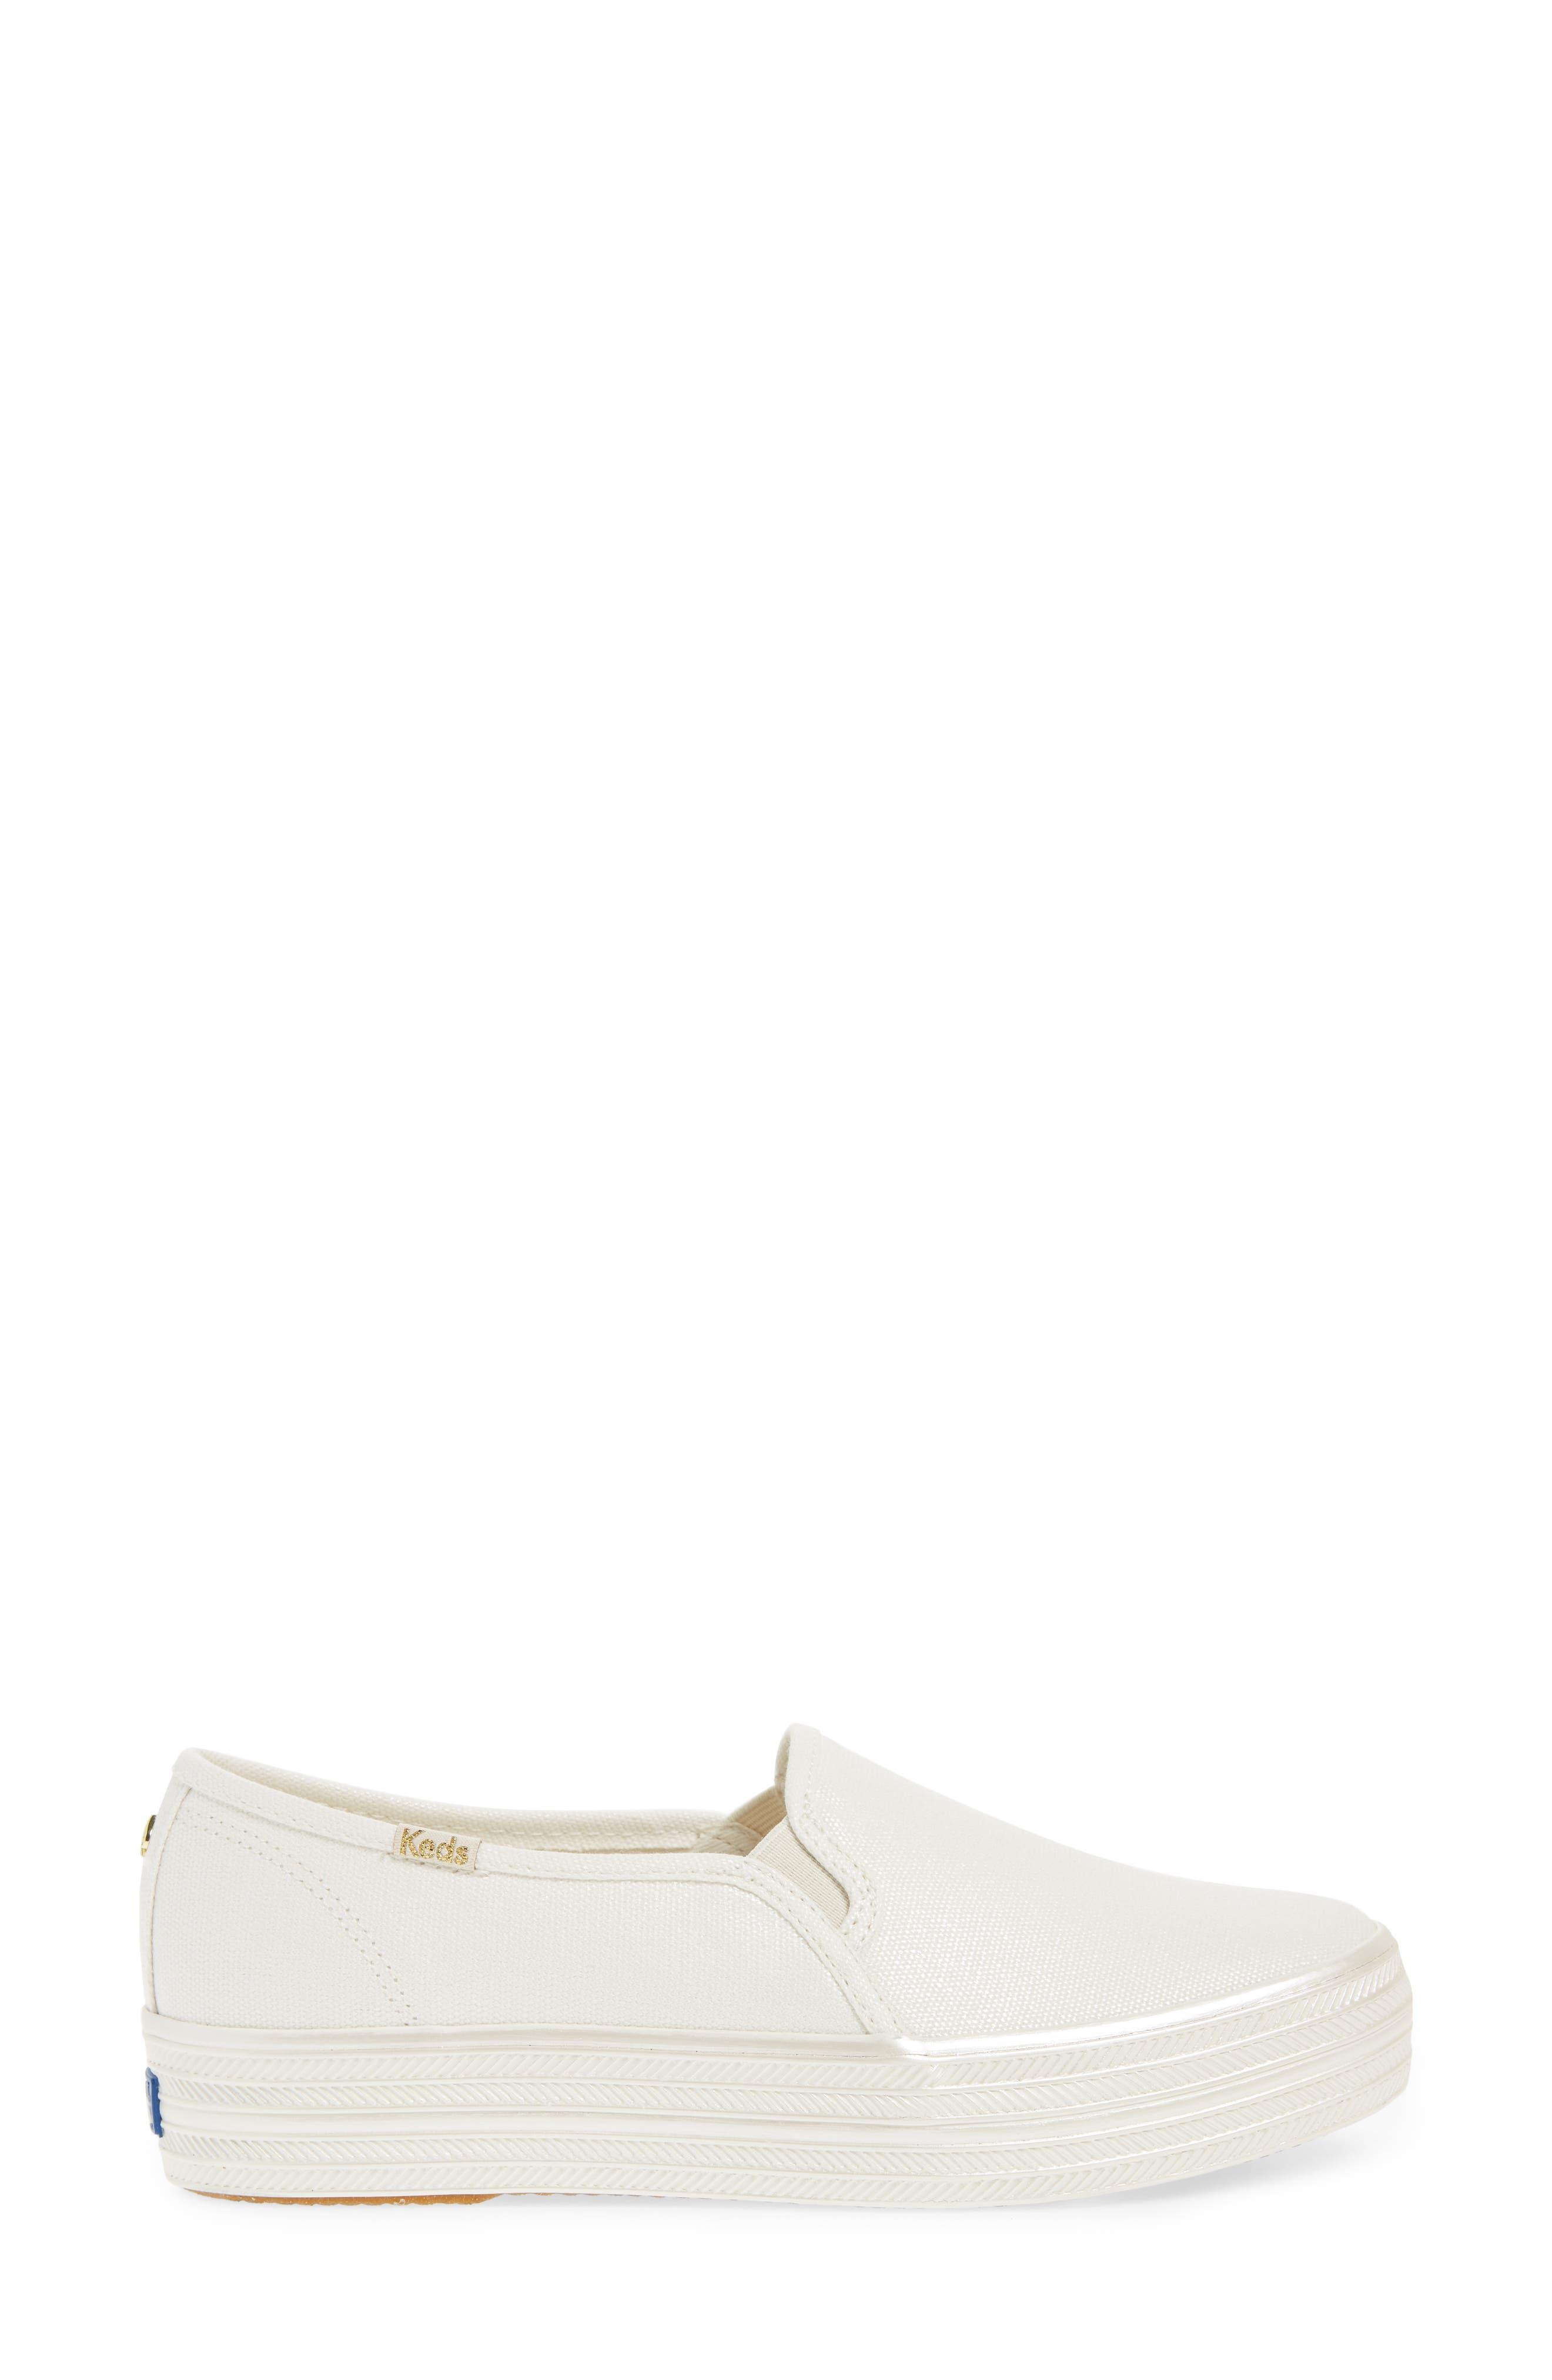 Alternate Image 3  - Keds® for kate spade new york triple decker slip-on platform sneaker (Women)